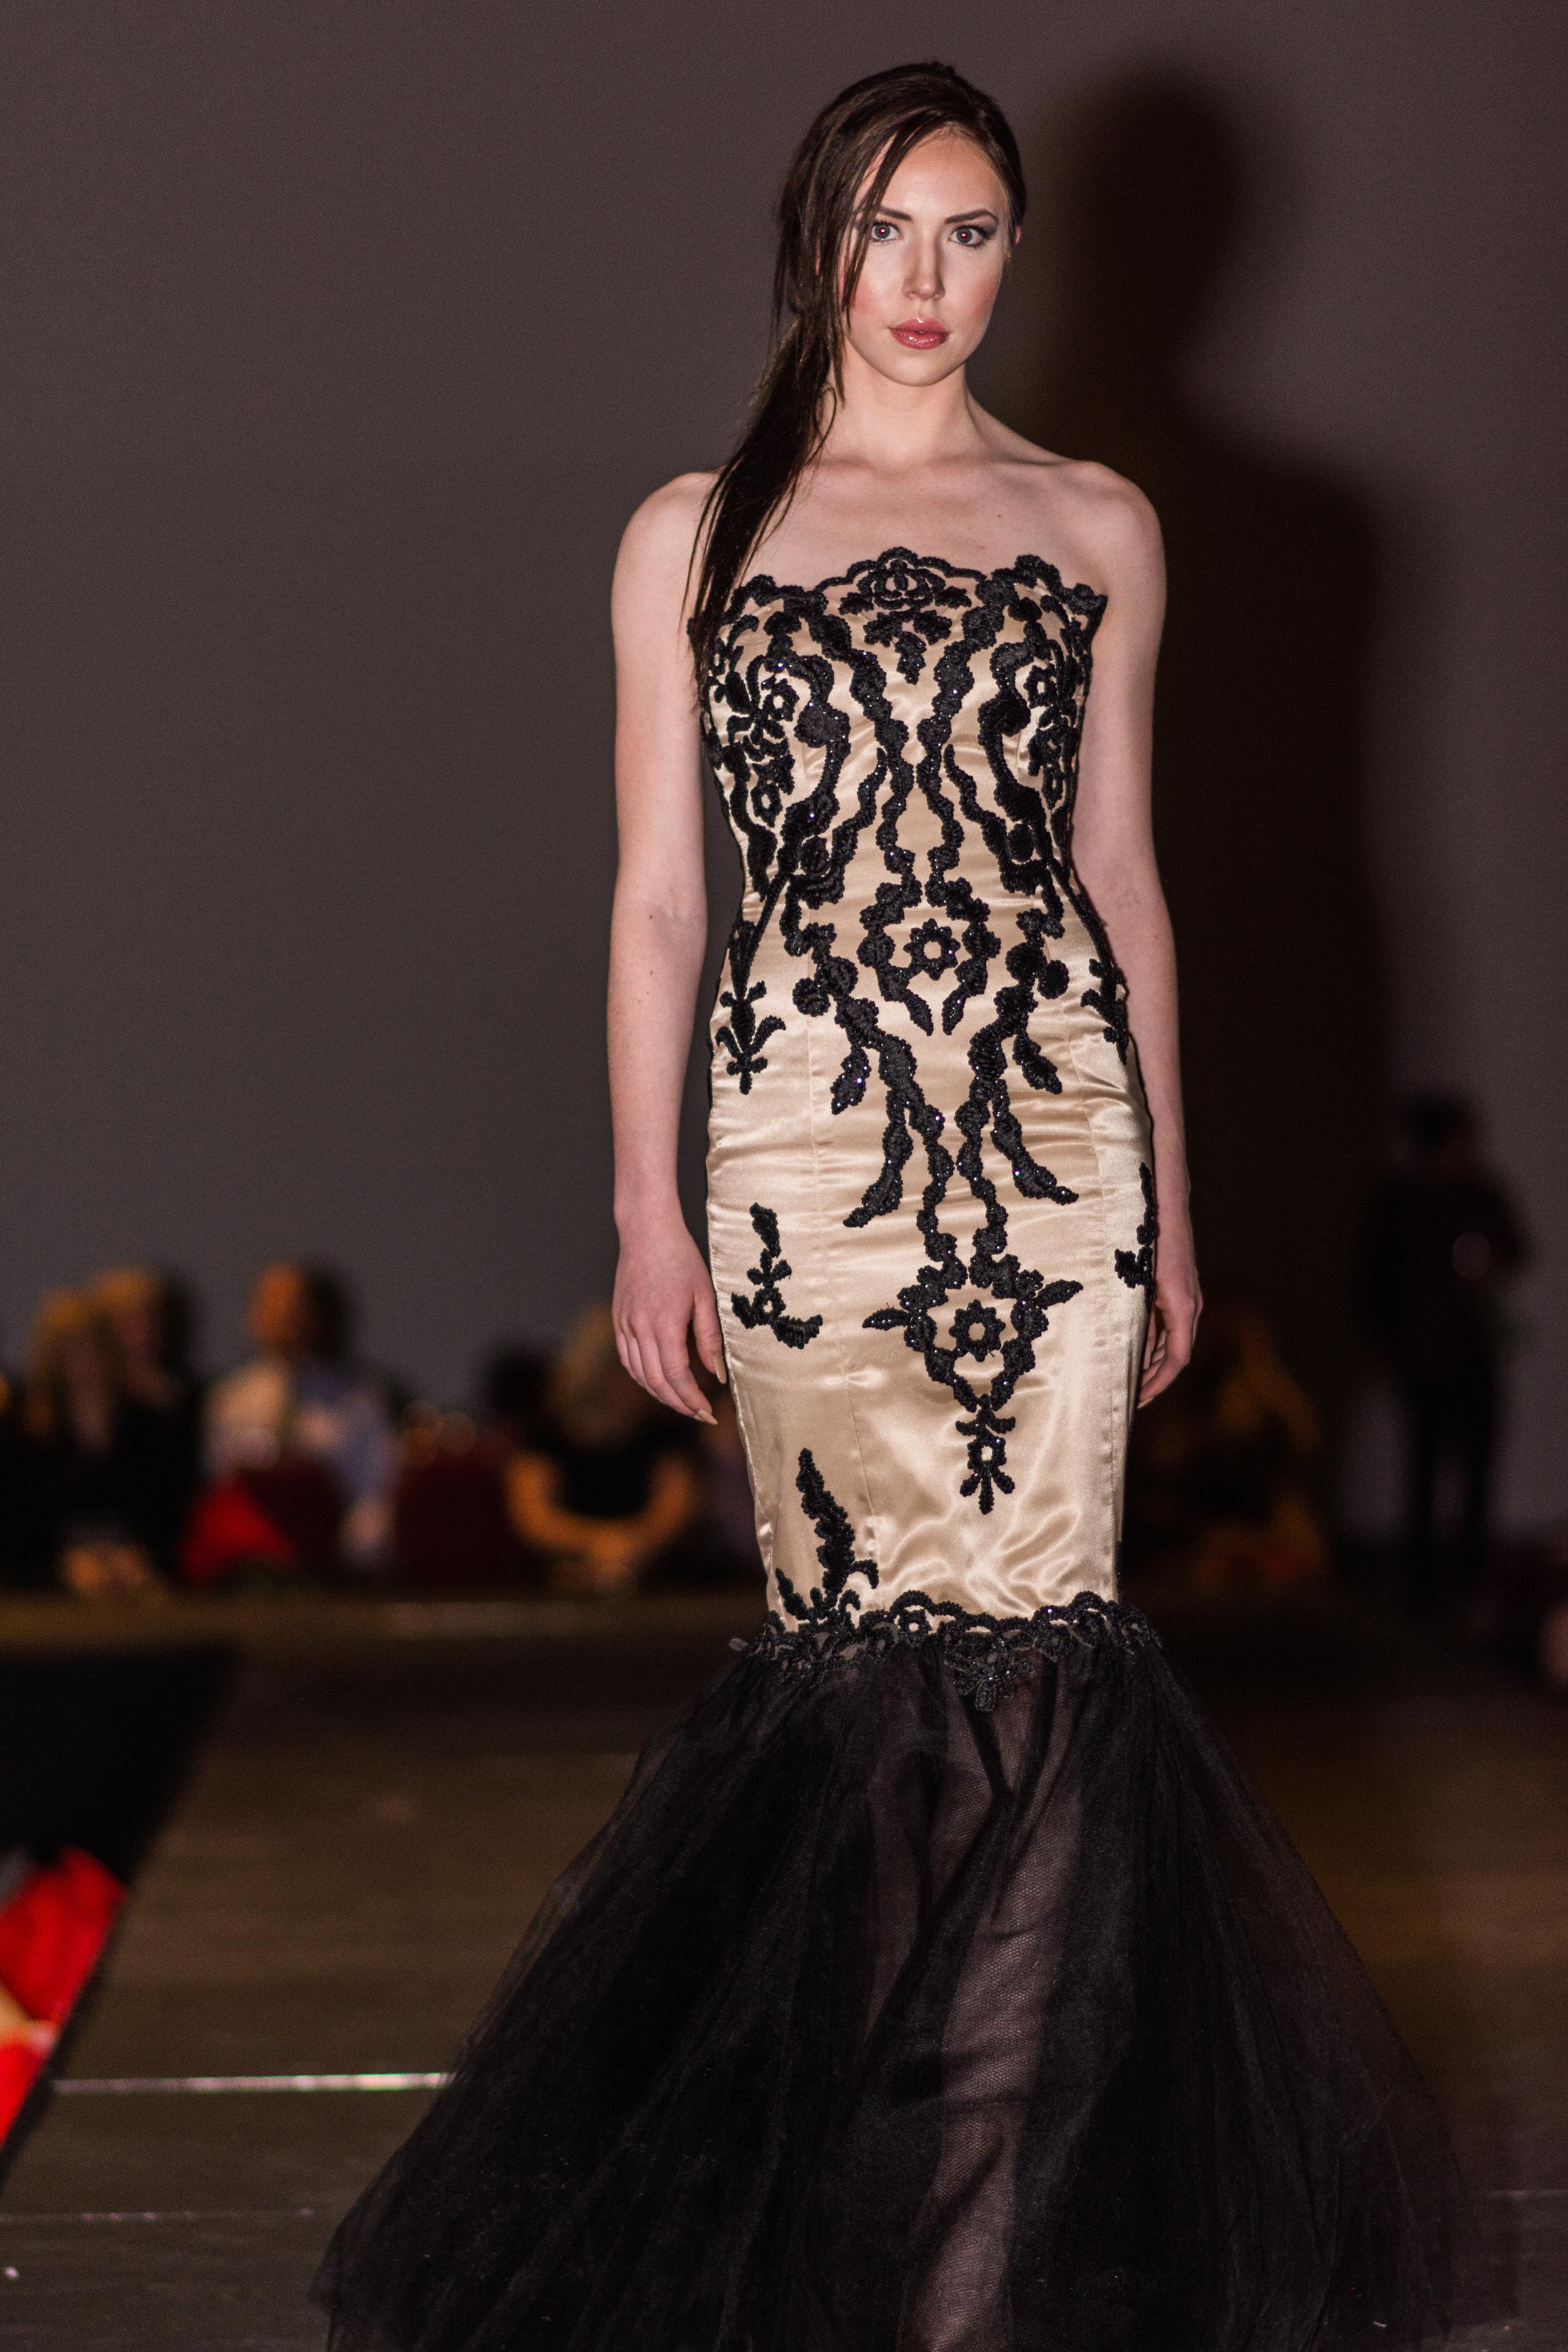 Fashion design by Zarucci